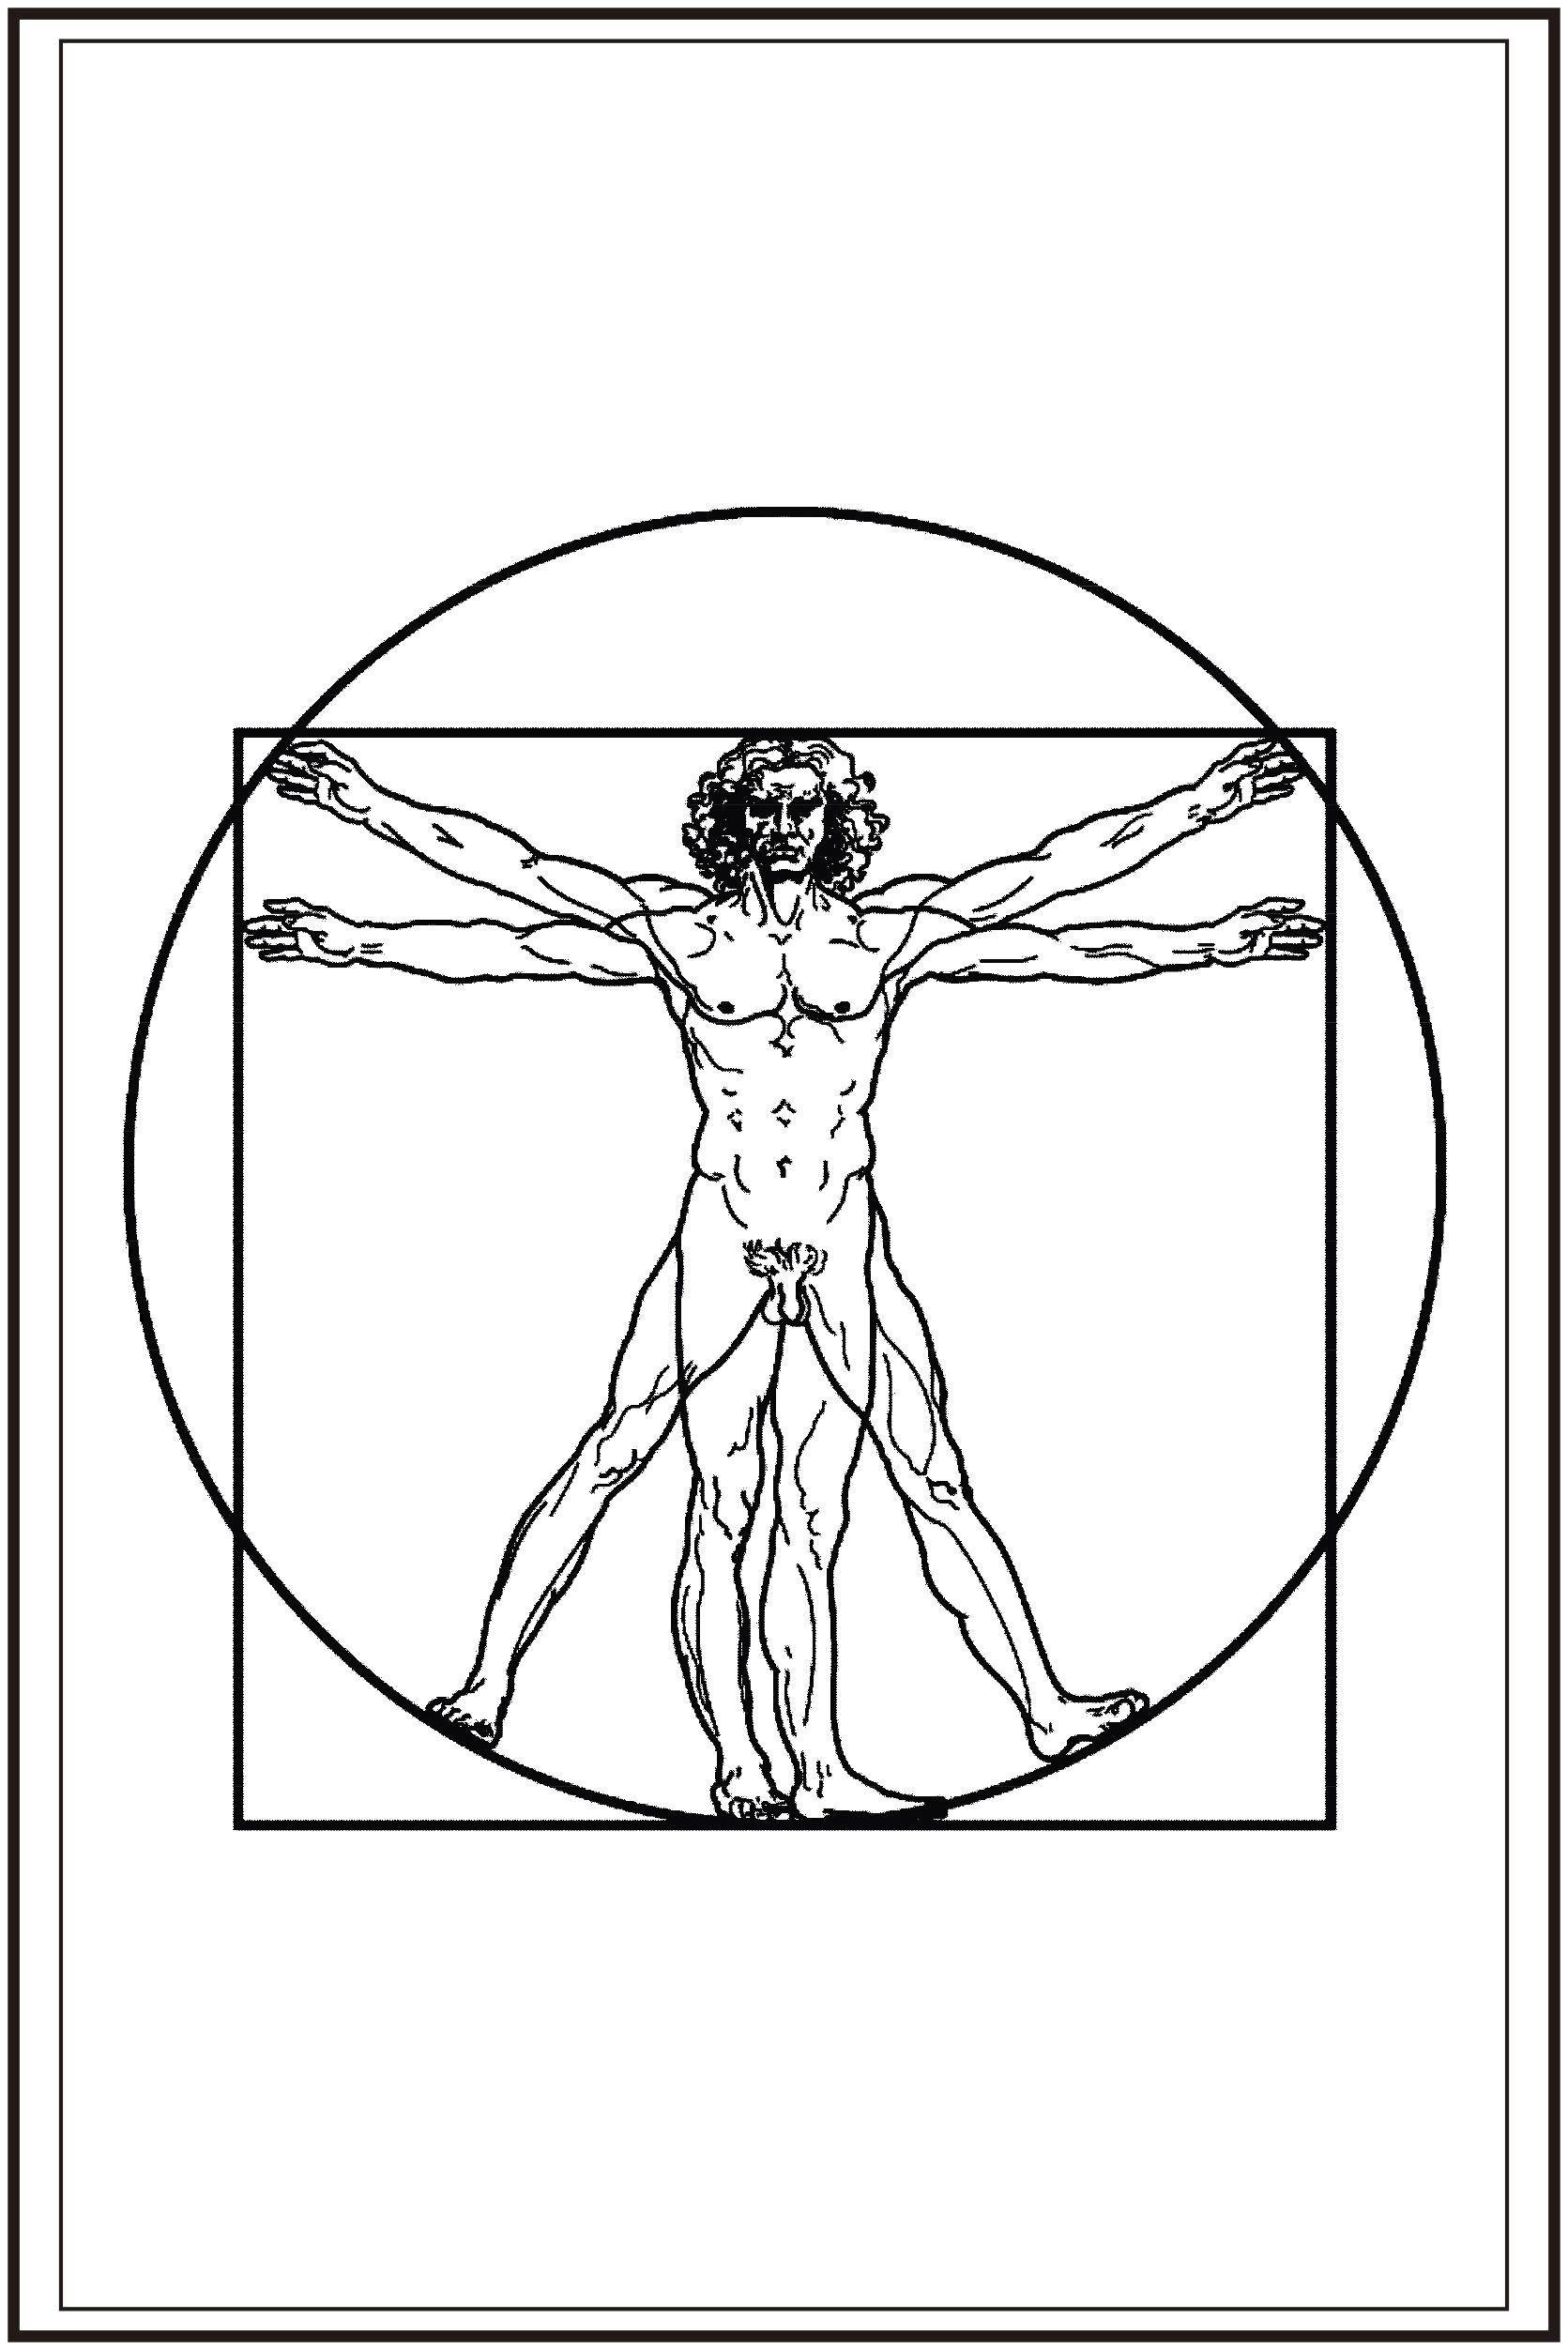 La simetr a la antropometr a y las tablas de medidas for Medidas antropometricas del cuerpo humano